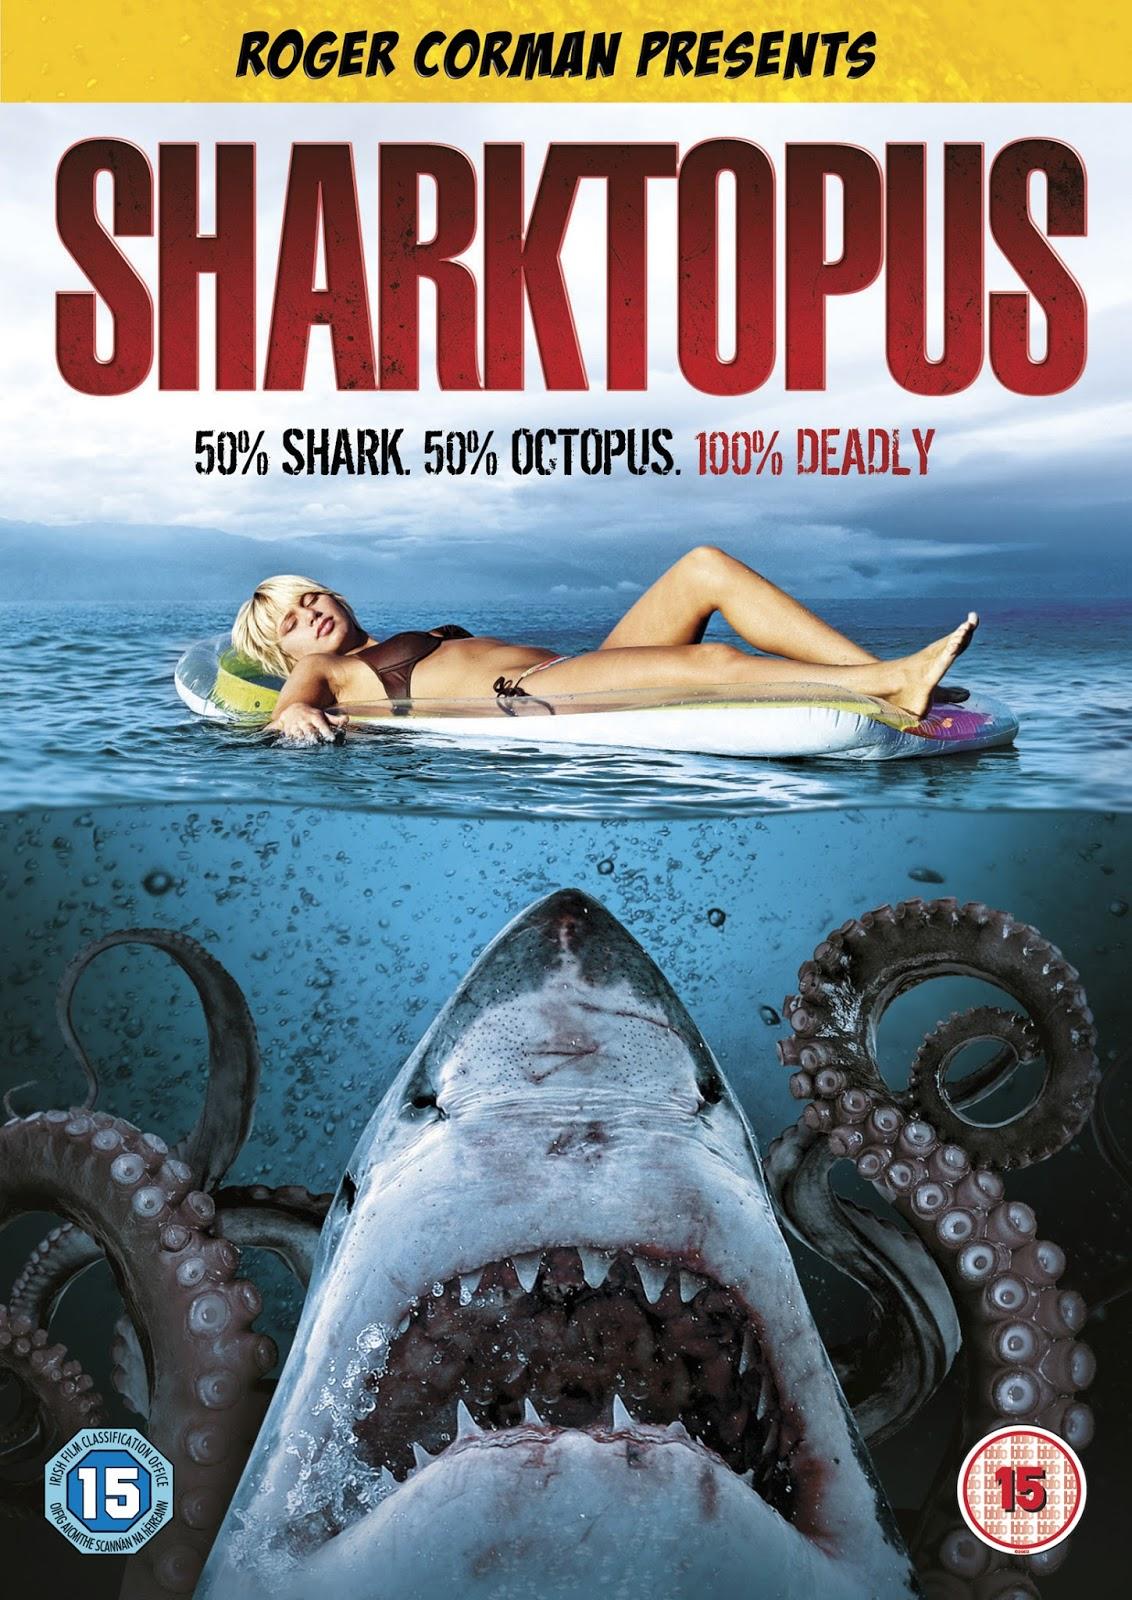 sharktopus_abd4949.jpg